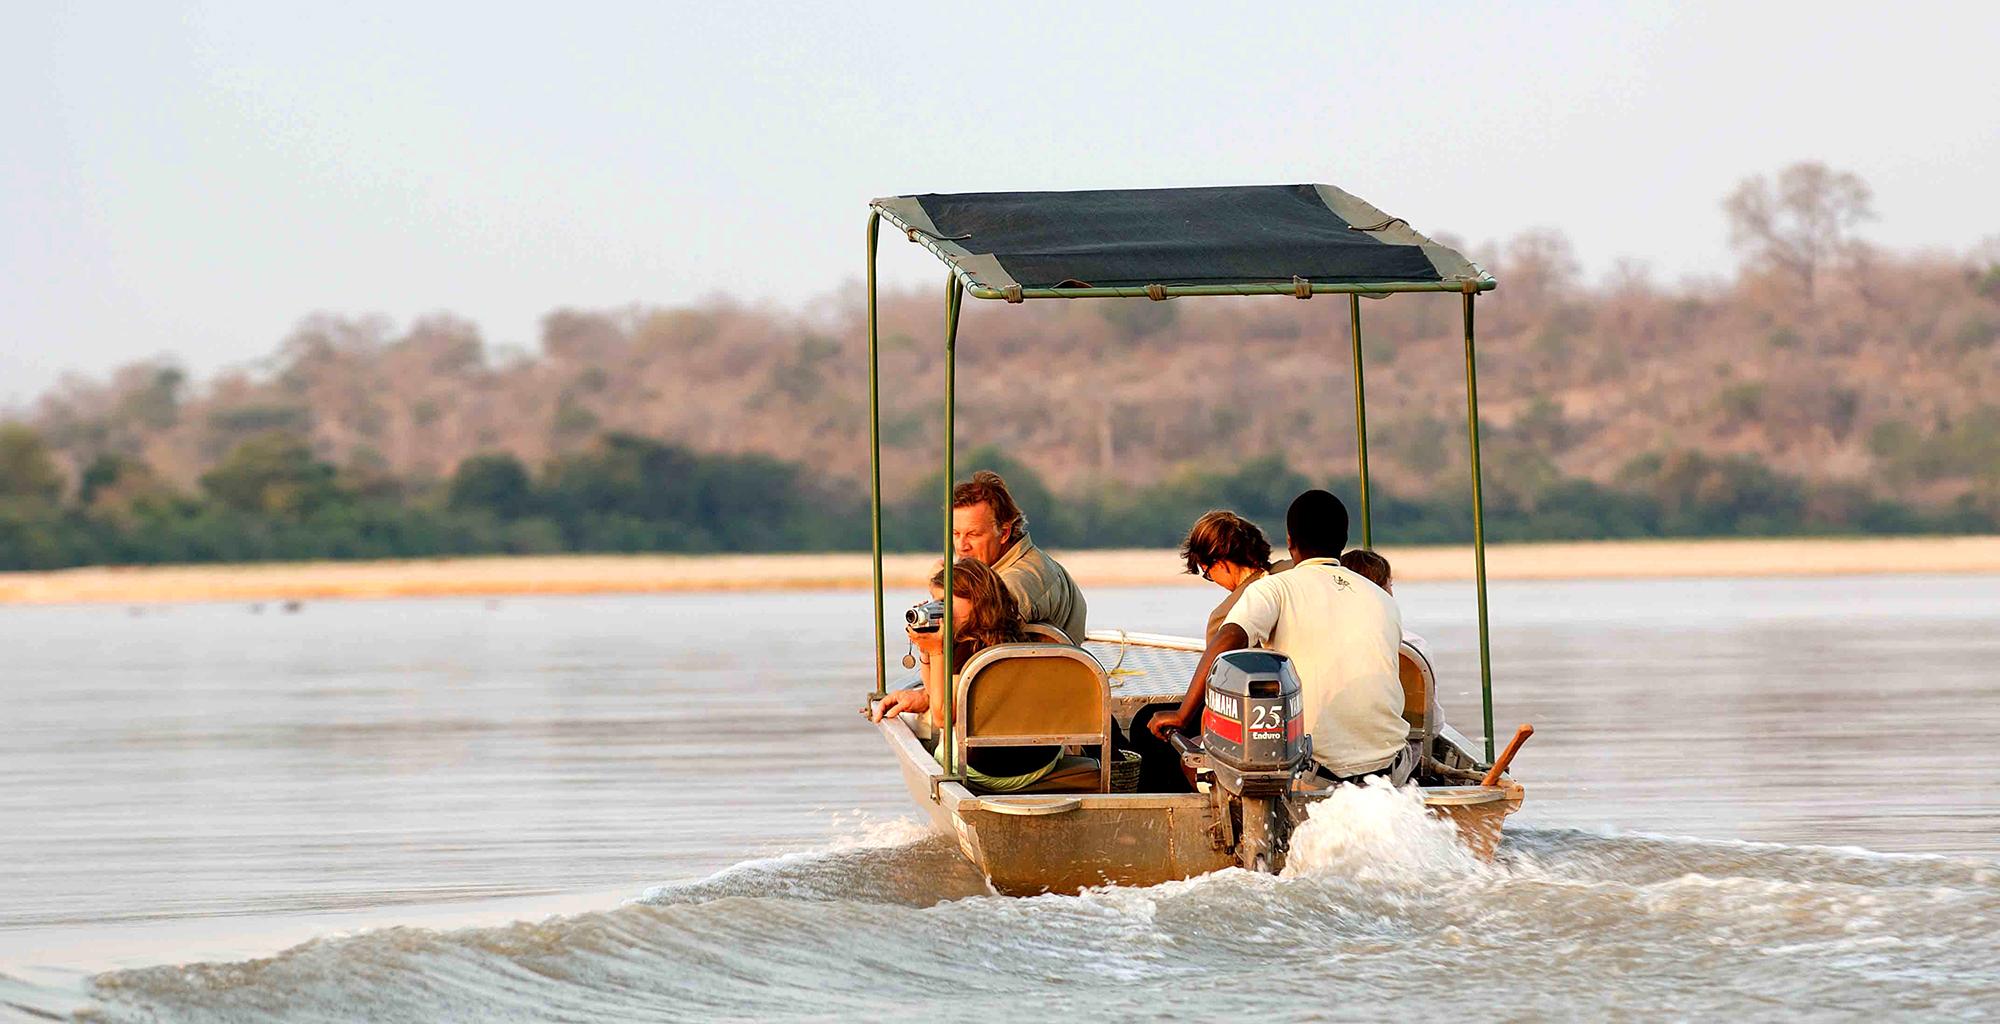 Tanzania-Selous-Walking-Safari-Boating